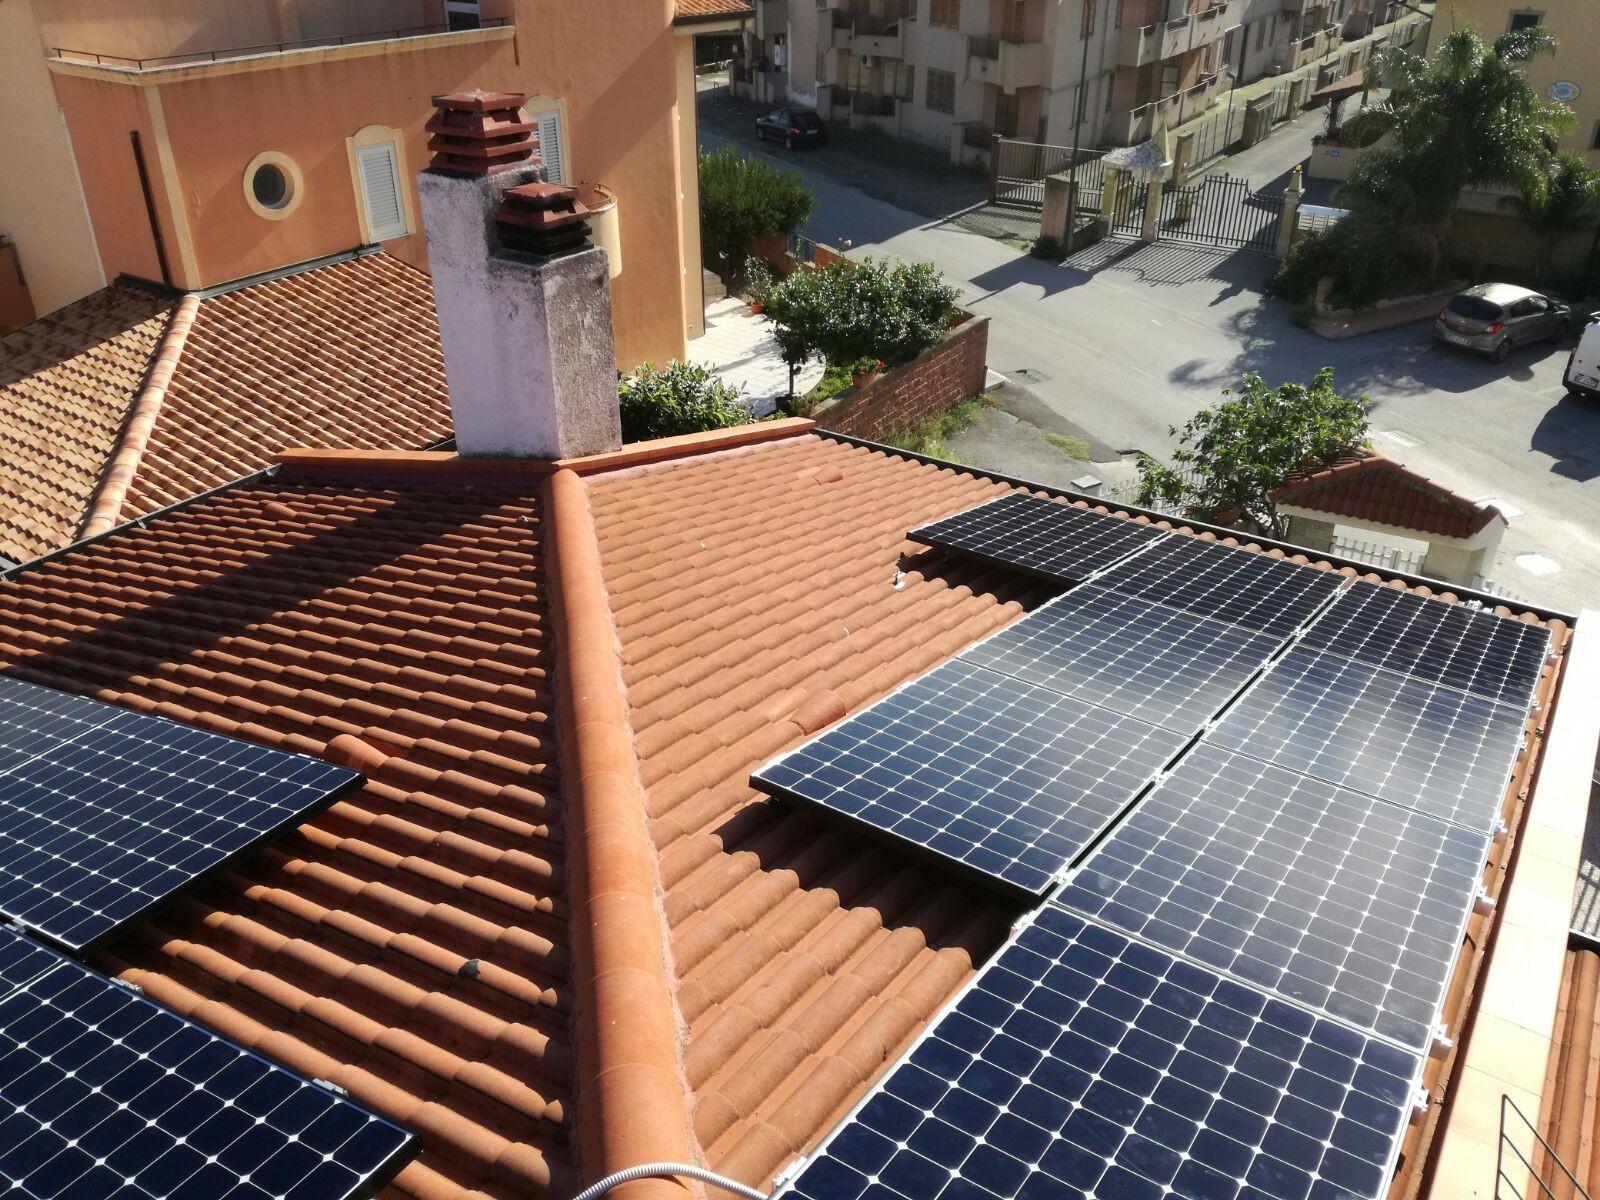 Energia Solare In Sicilia tecnologie solari sicilia | linkedin